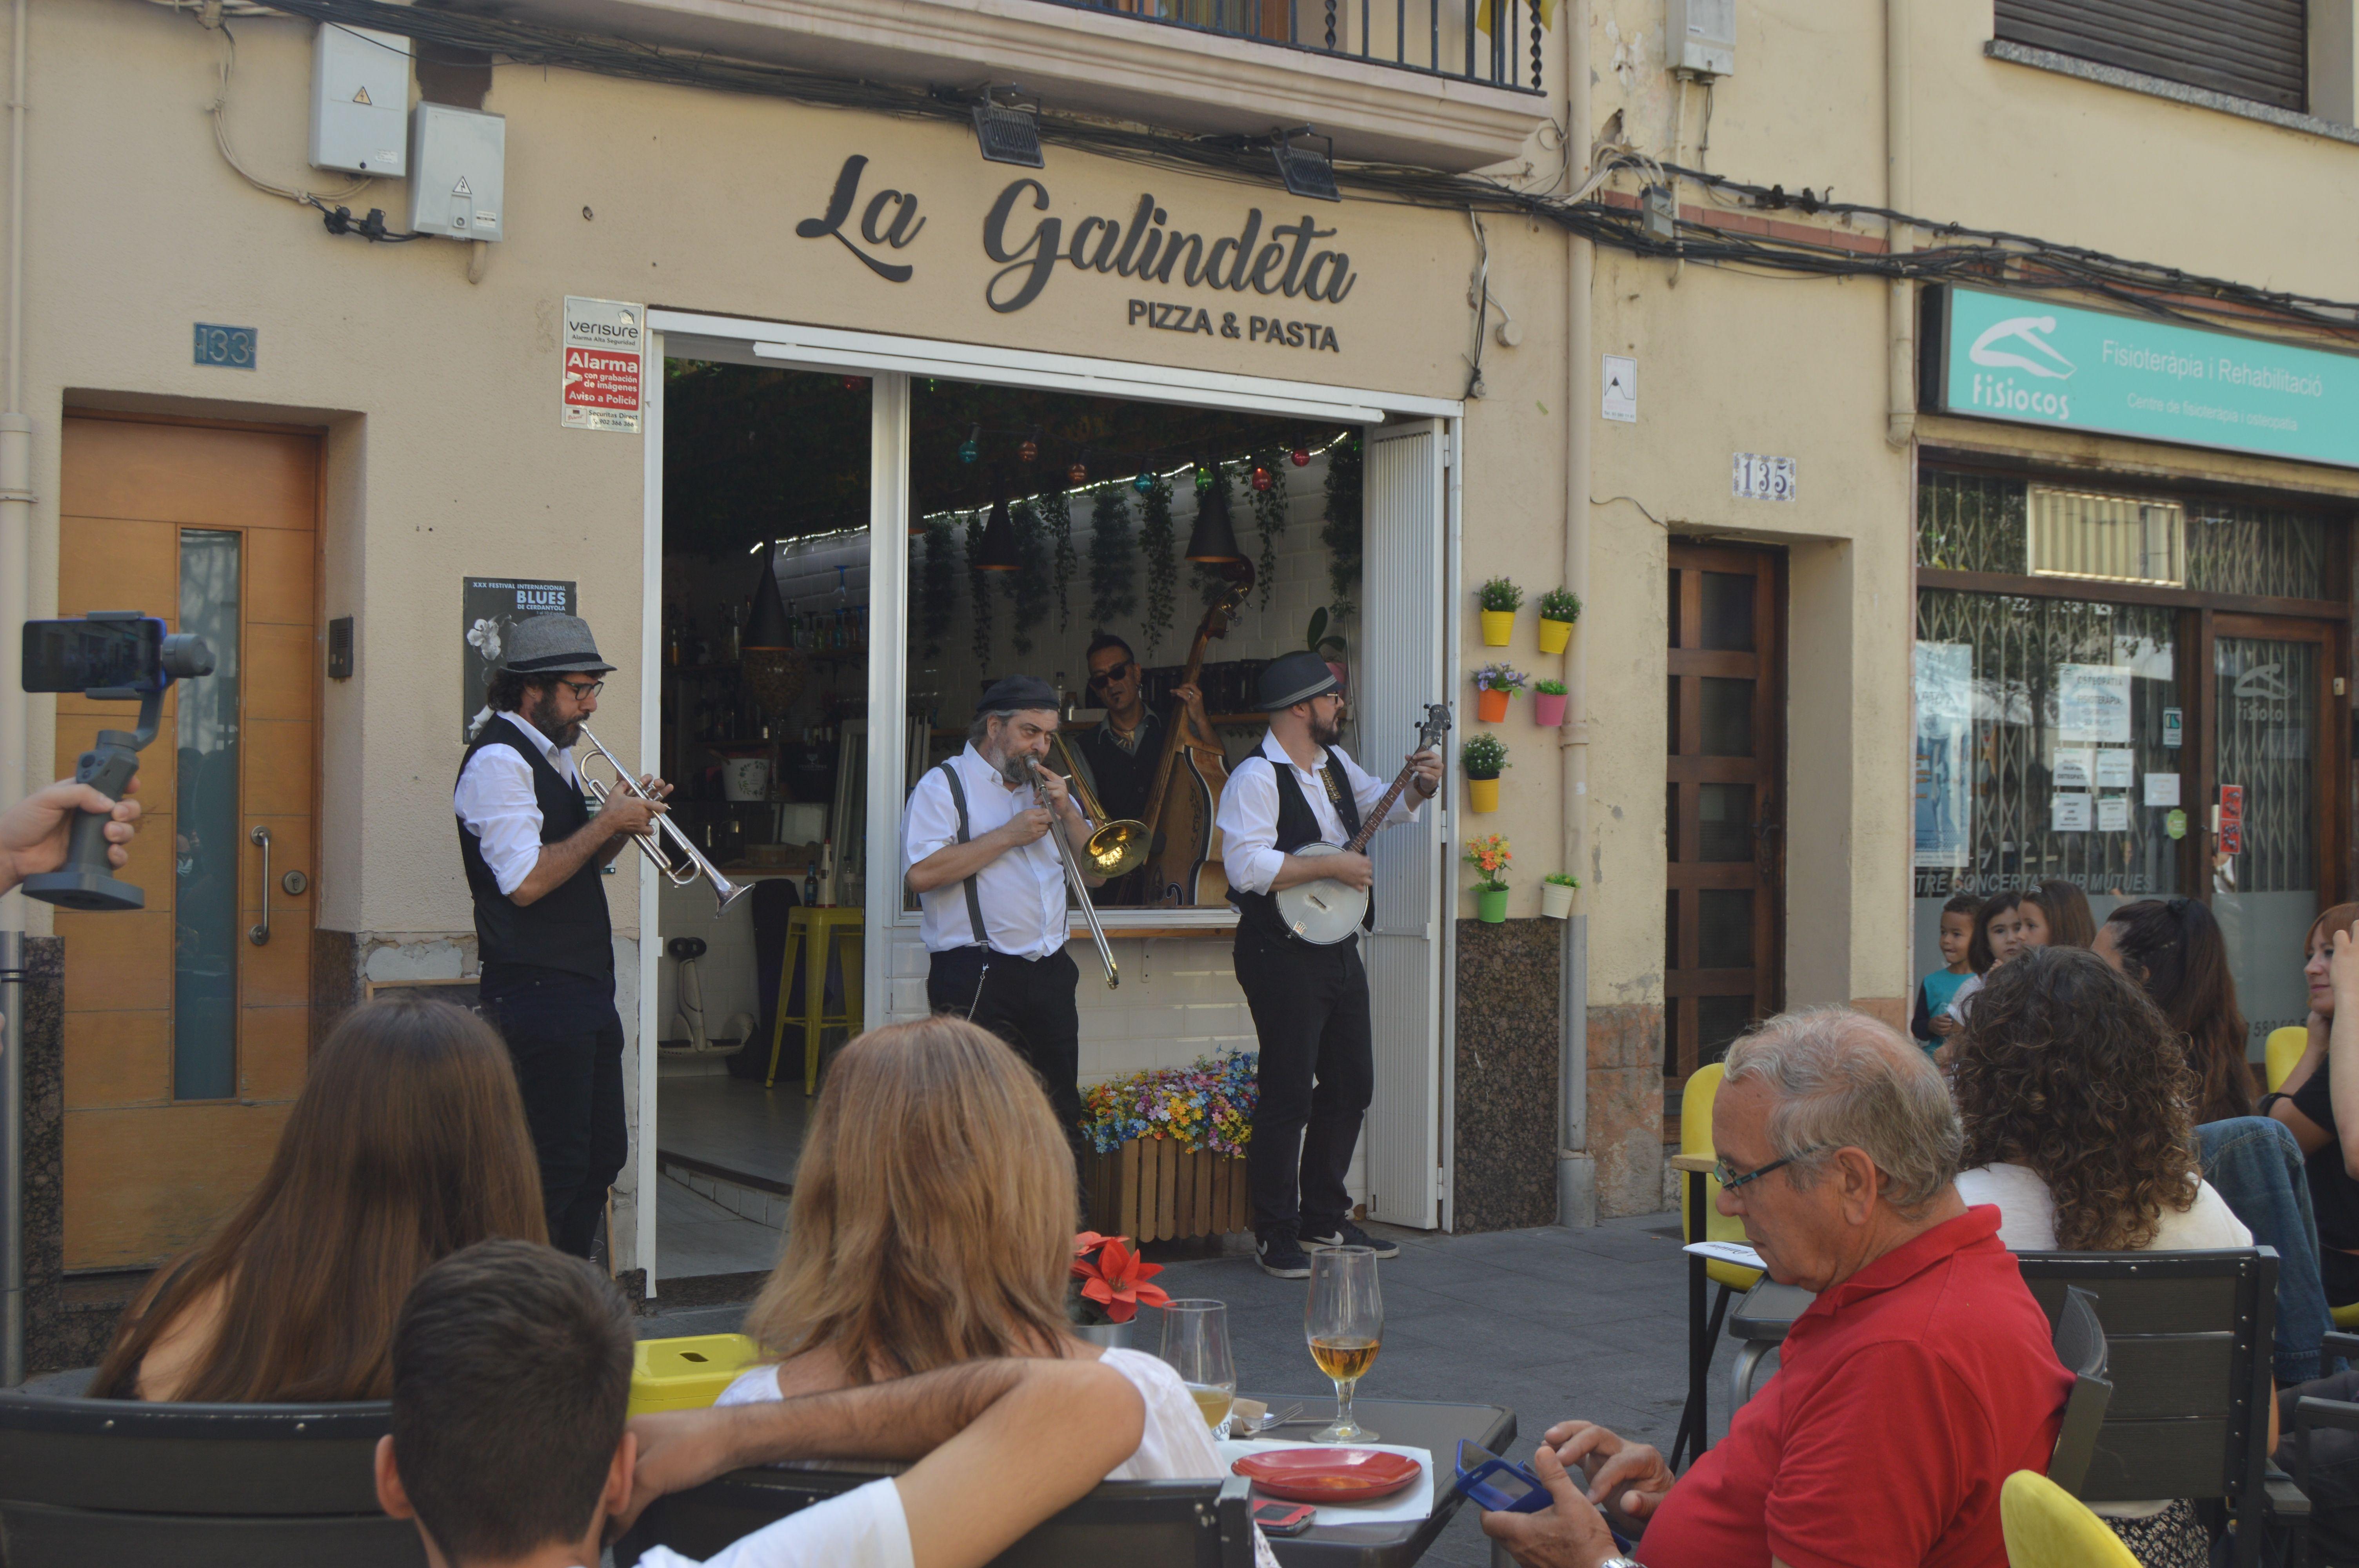 Concert del grup Hola que Dixie al bar de la Galindeta dissabte al matí. FOTO: Nora Muñoz